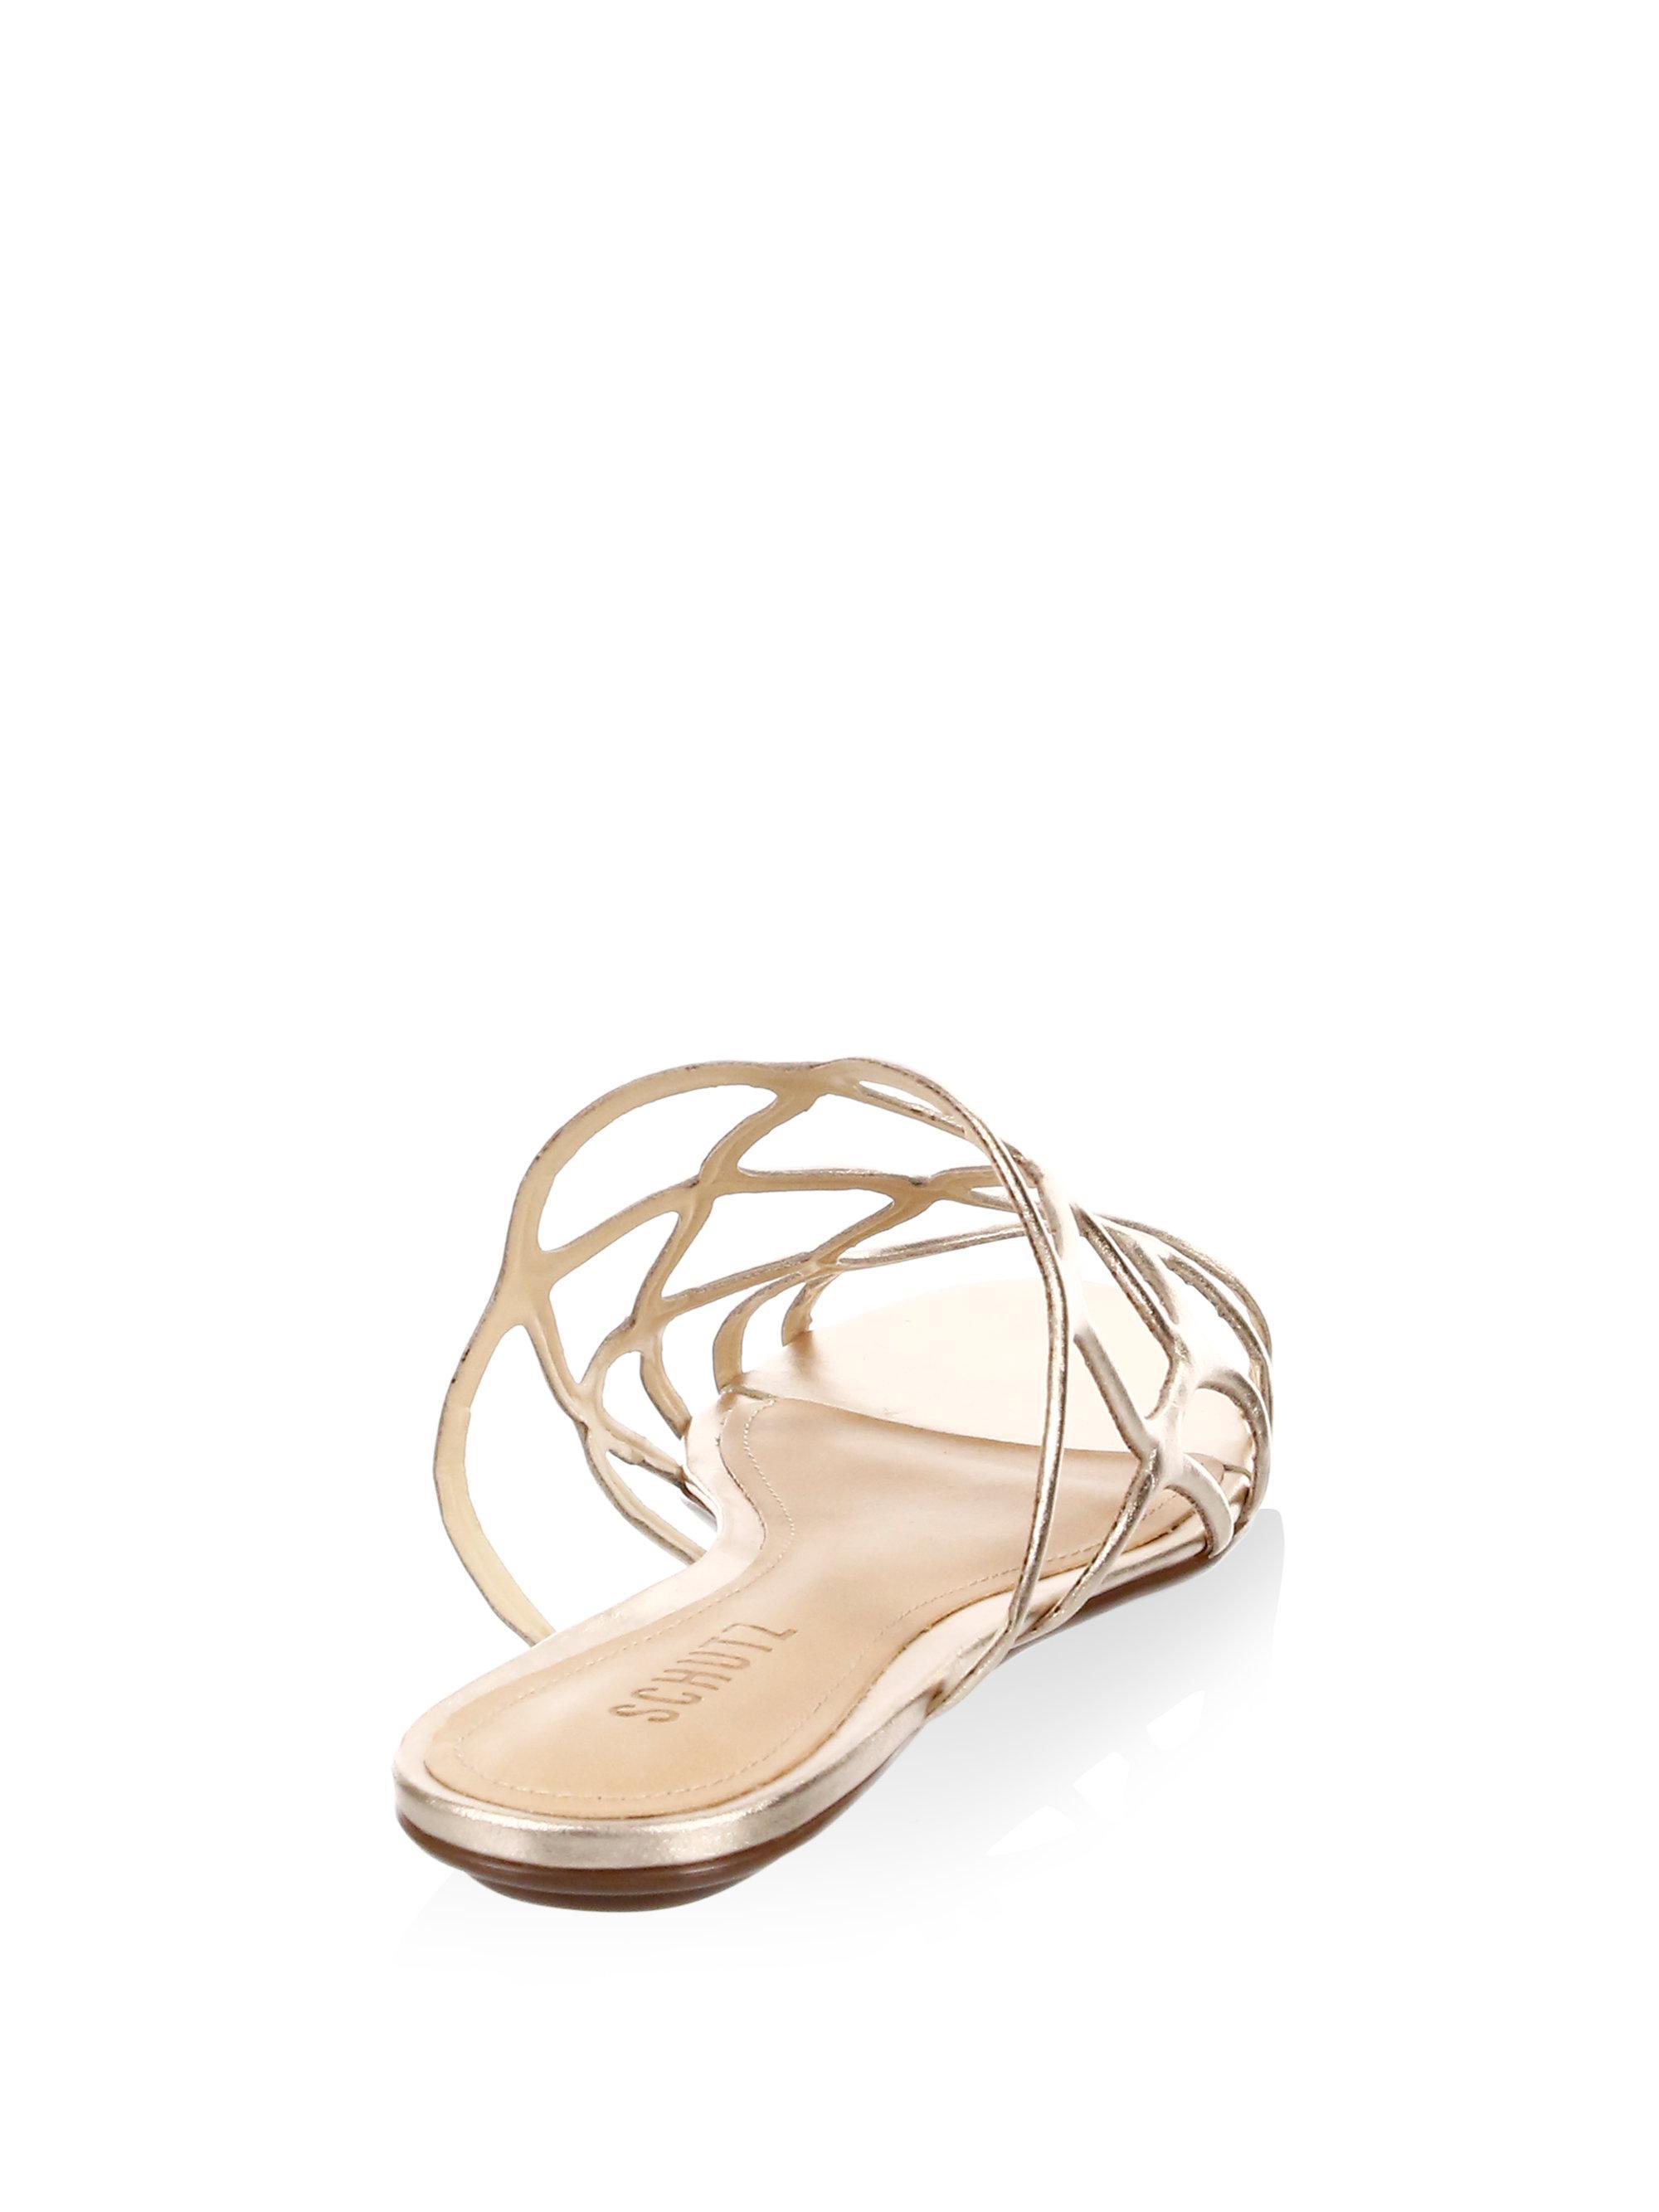 Schutz Nuray Leather Sandals fABELYZ